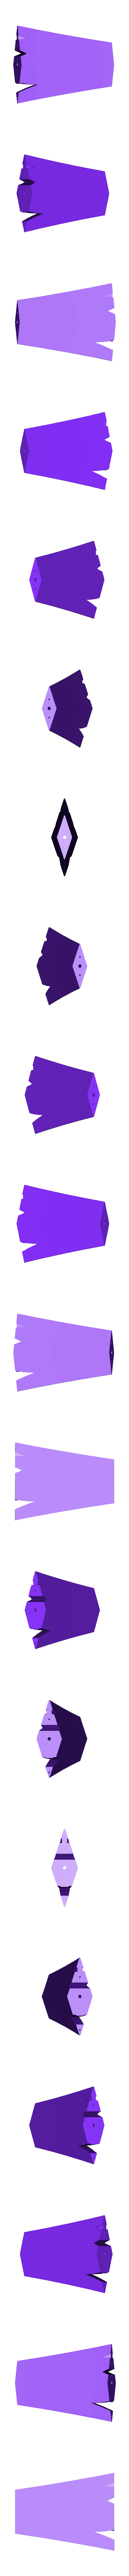 Dream Nail 4.stl Download STL file Hollow Knight Dream Nail • 3D print object, glargonoid